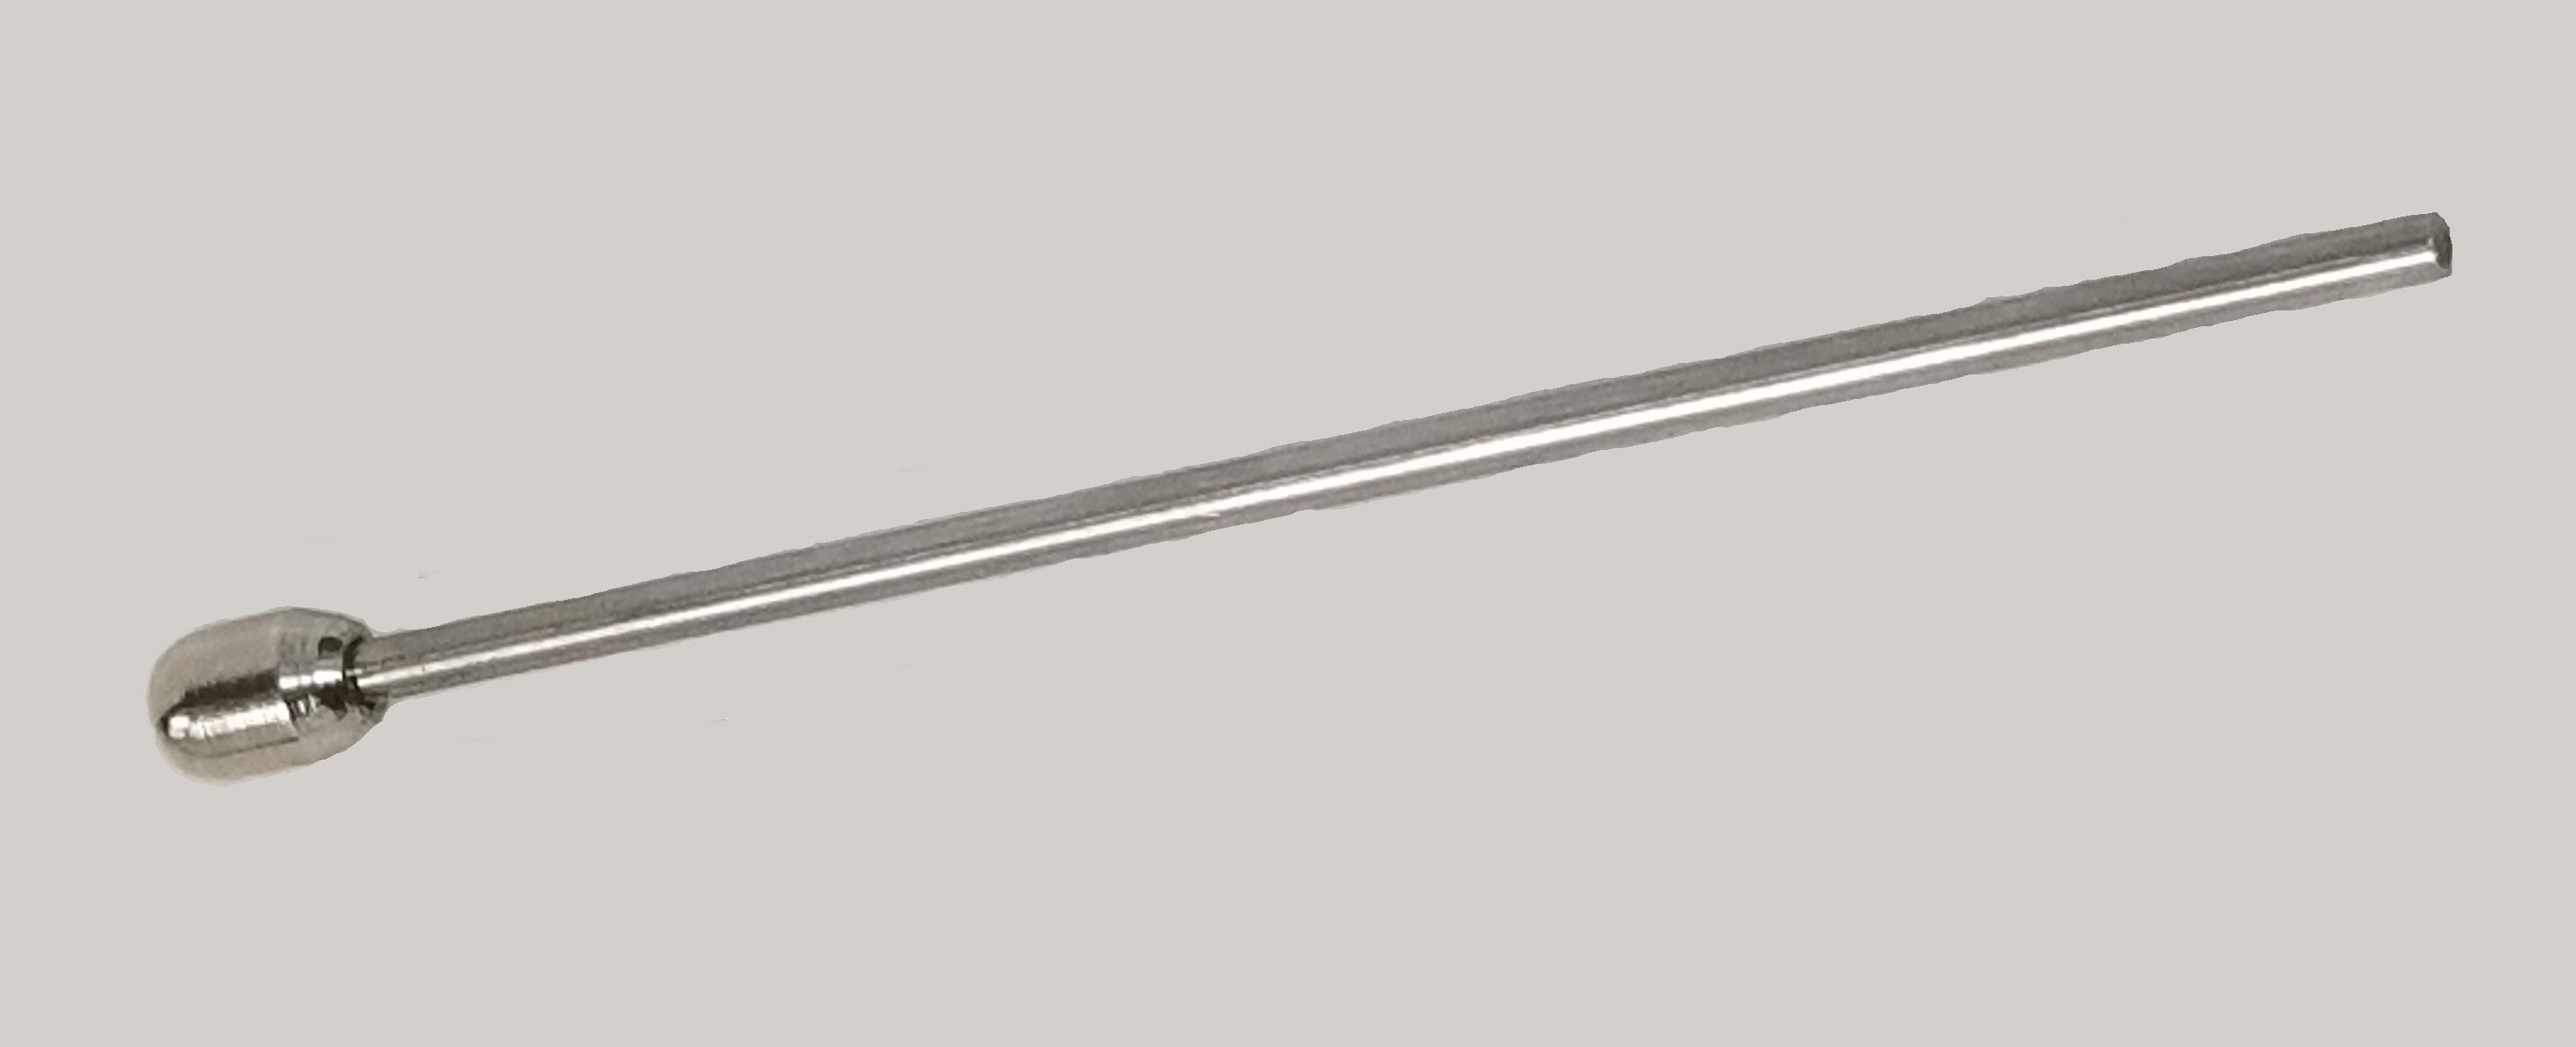 44493 - K40 Power Whip Tip